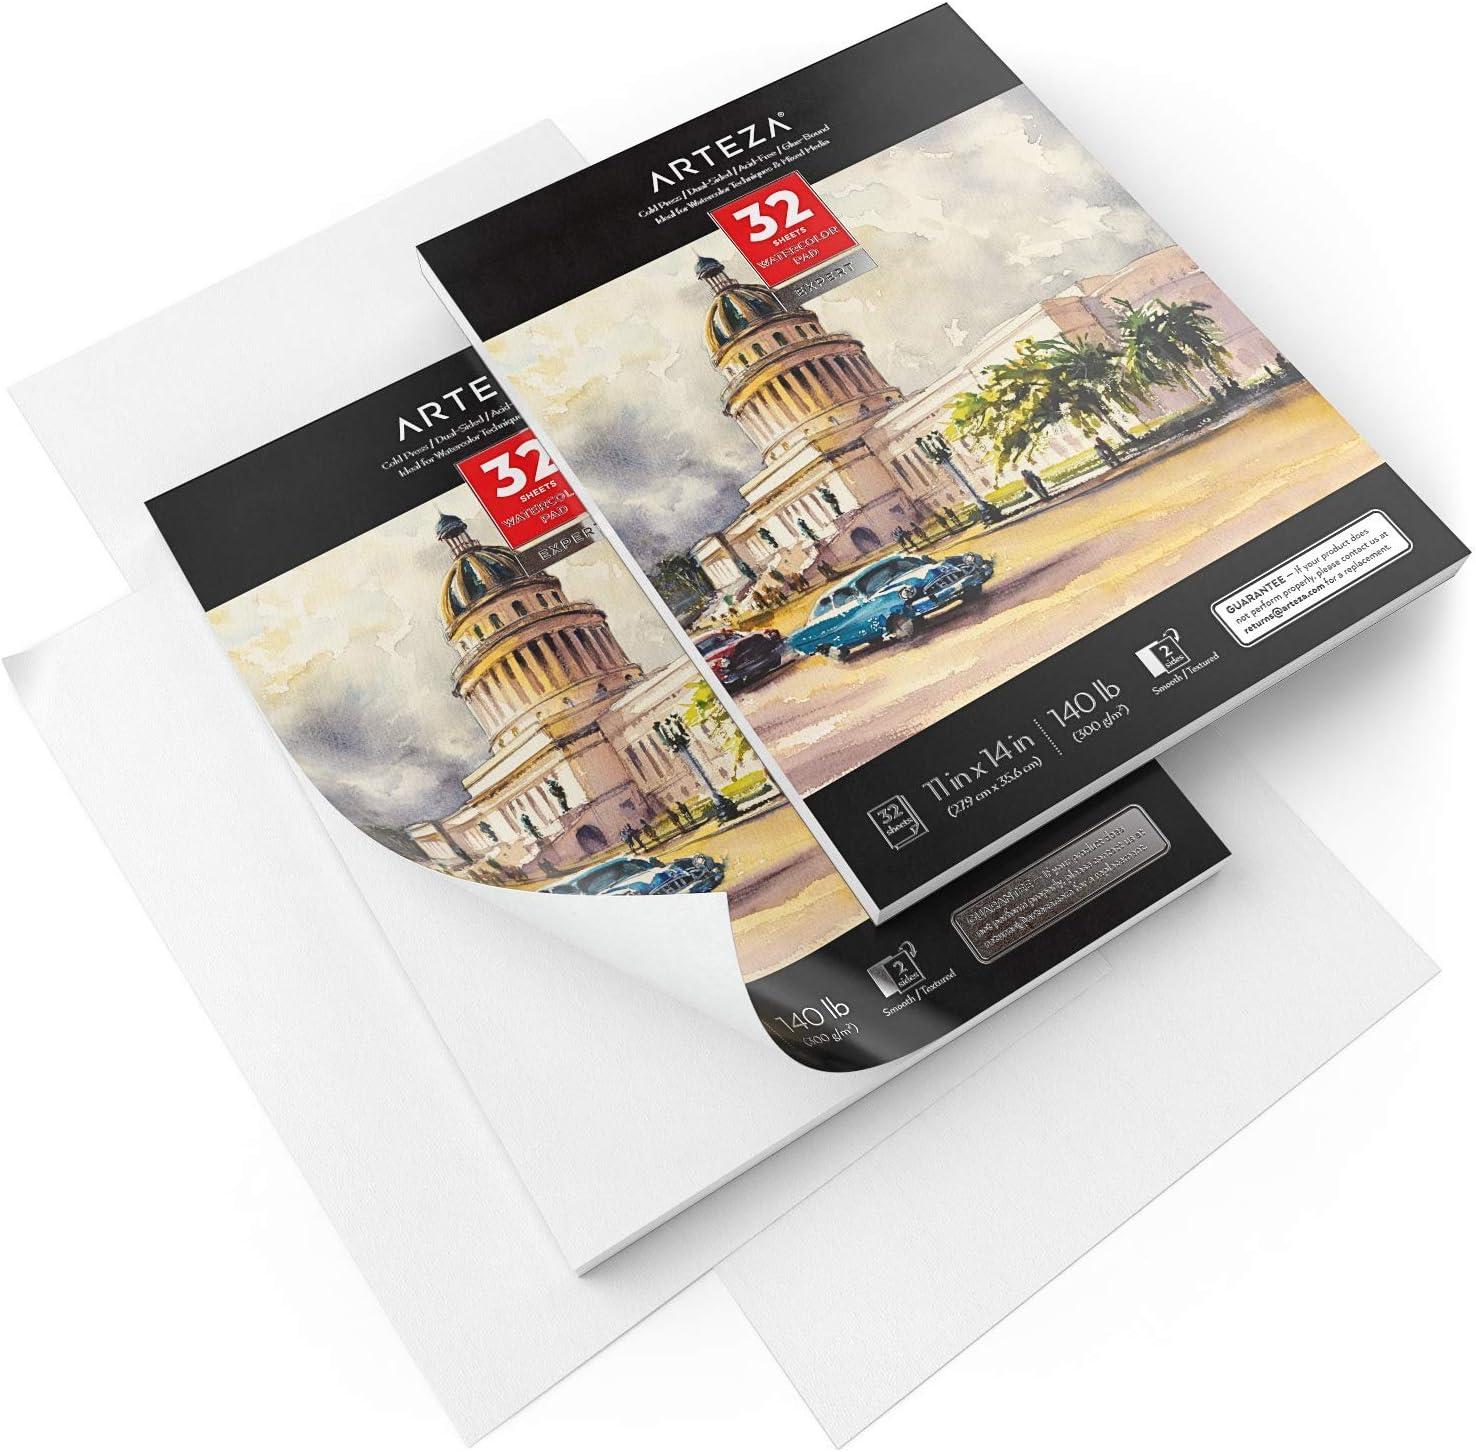 27,9x35,6 cm Arteza Cuadernos de papel acuarela para expertos, sin /ácido 300 gsm 2 blocs encolados de 32 hojas ideales para t/écnicas de acuarela y medios mixtos papel prensado en fr/ío total 64